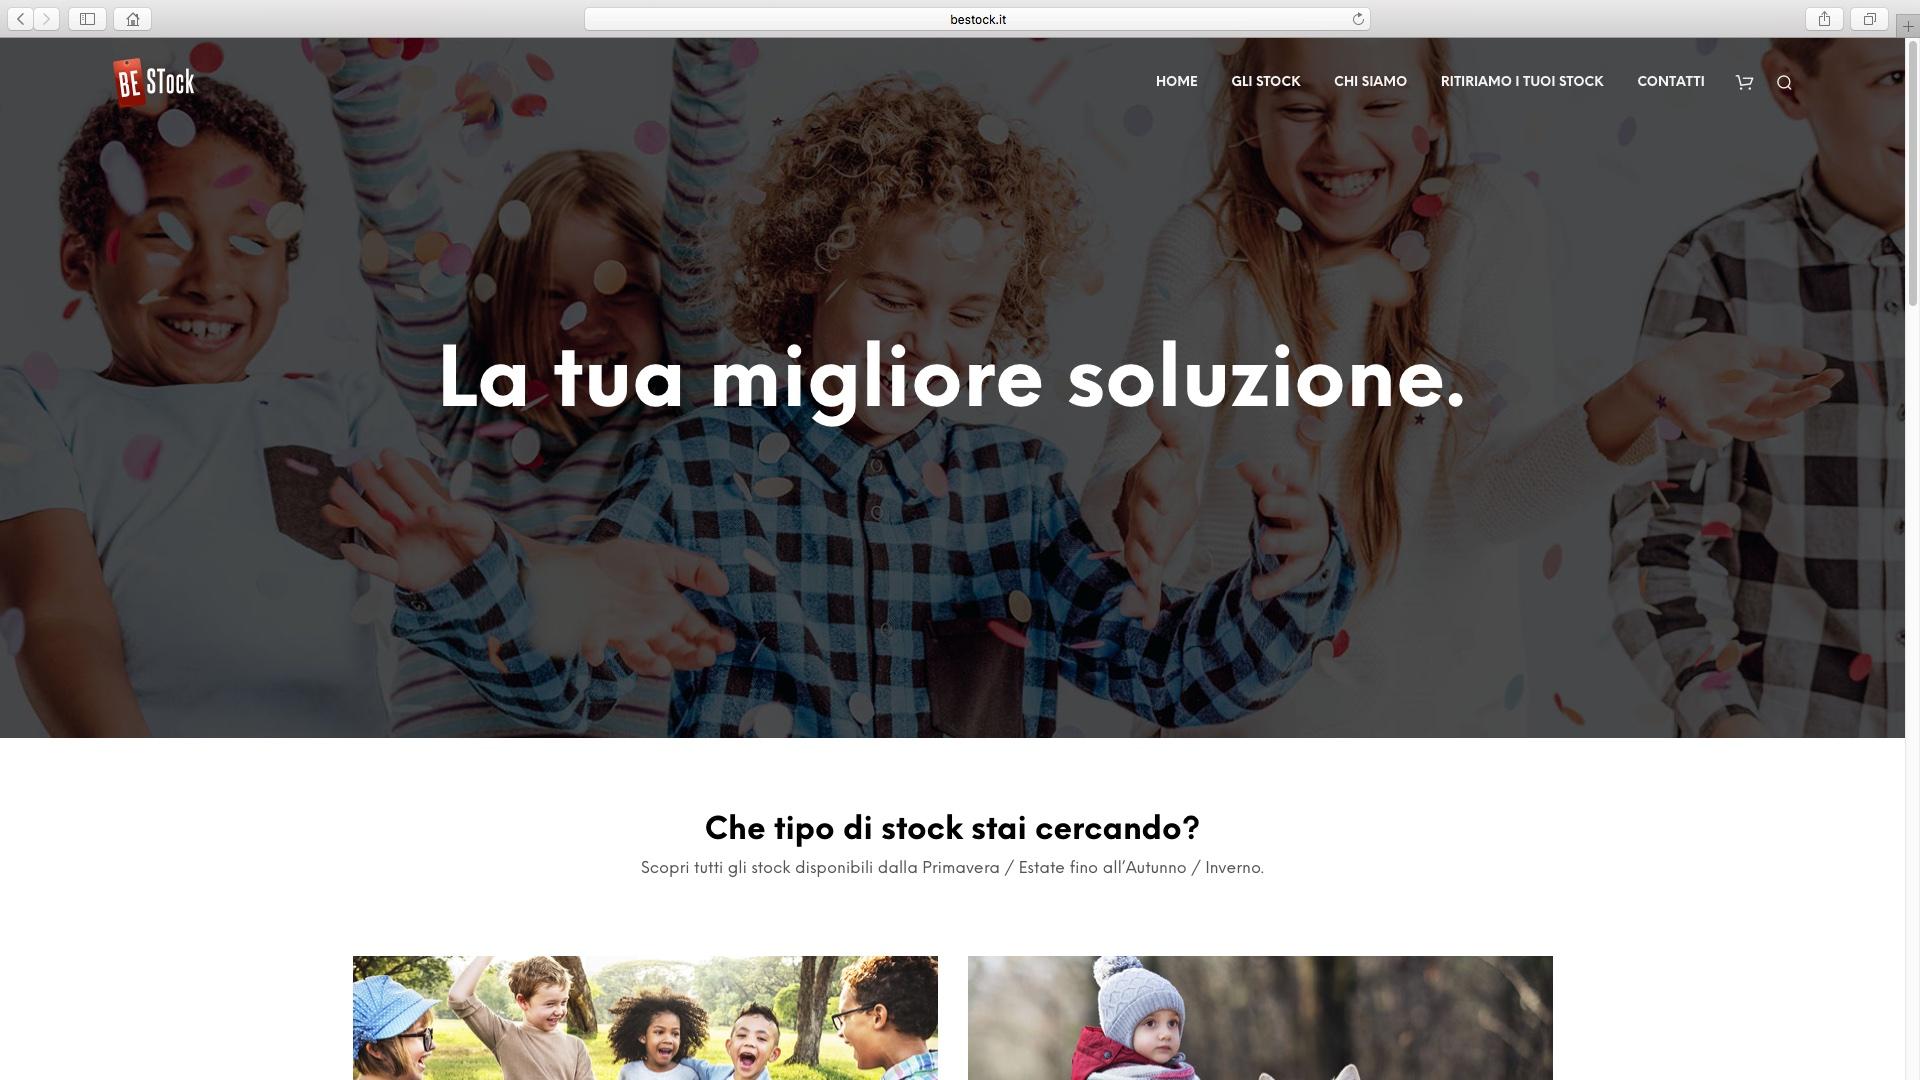 sito-web-brescia-catalogo-online-negozio-ecommerce-01